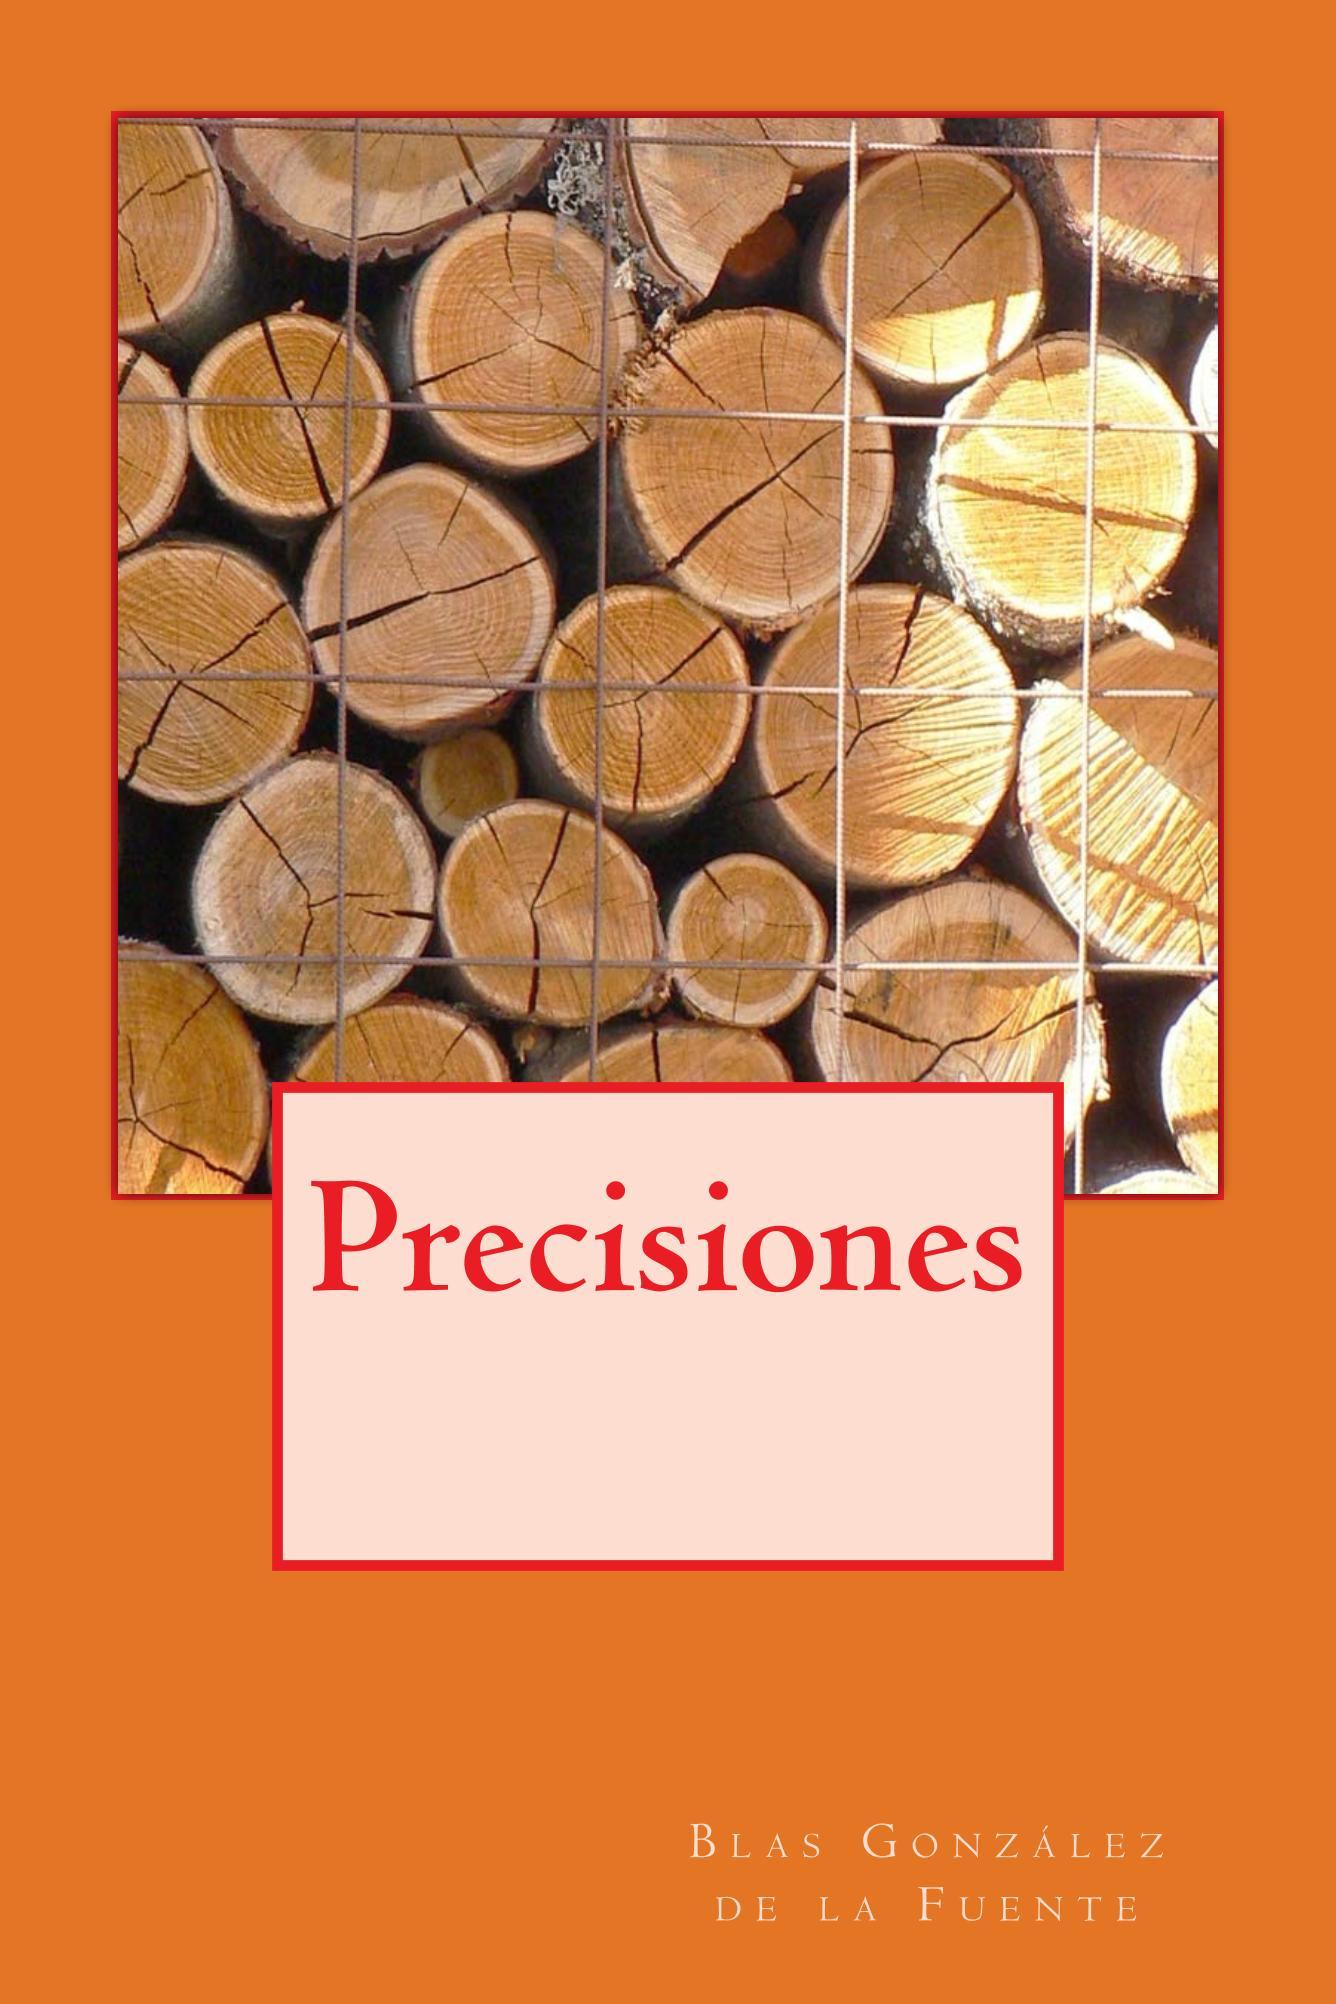 Silogismos, descubre la poesía de Blas González de la Fuente, escritor y poeta nacido en Mombeltrán